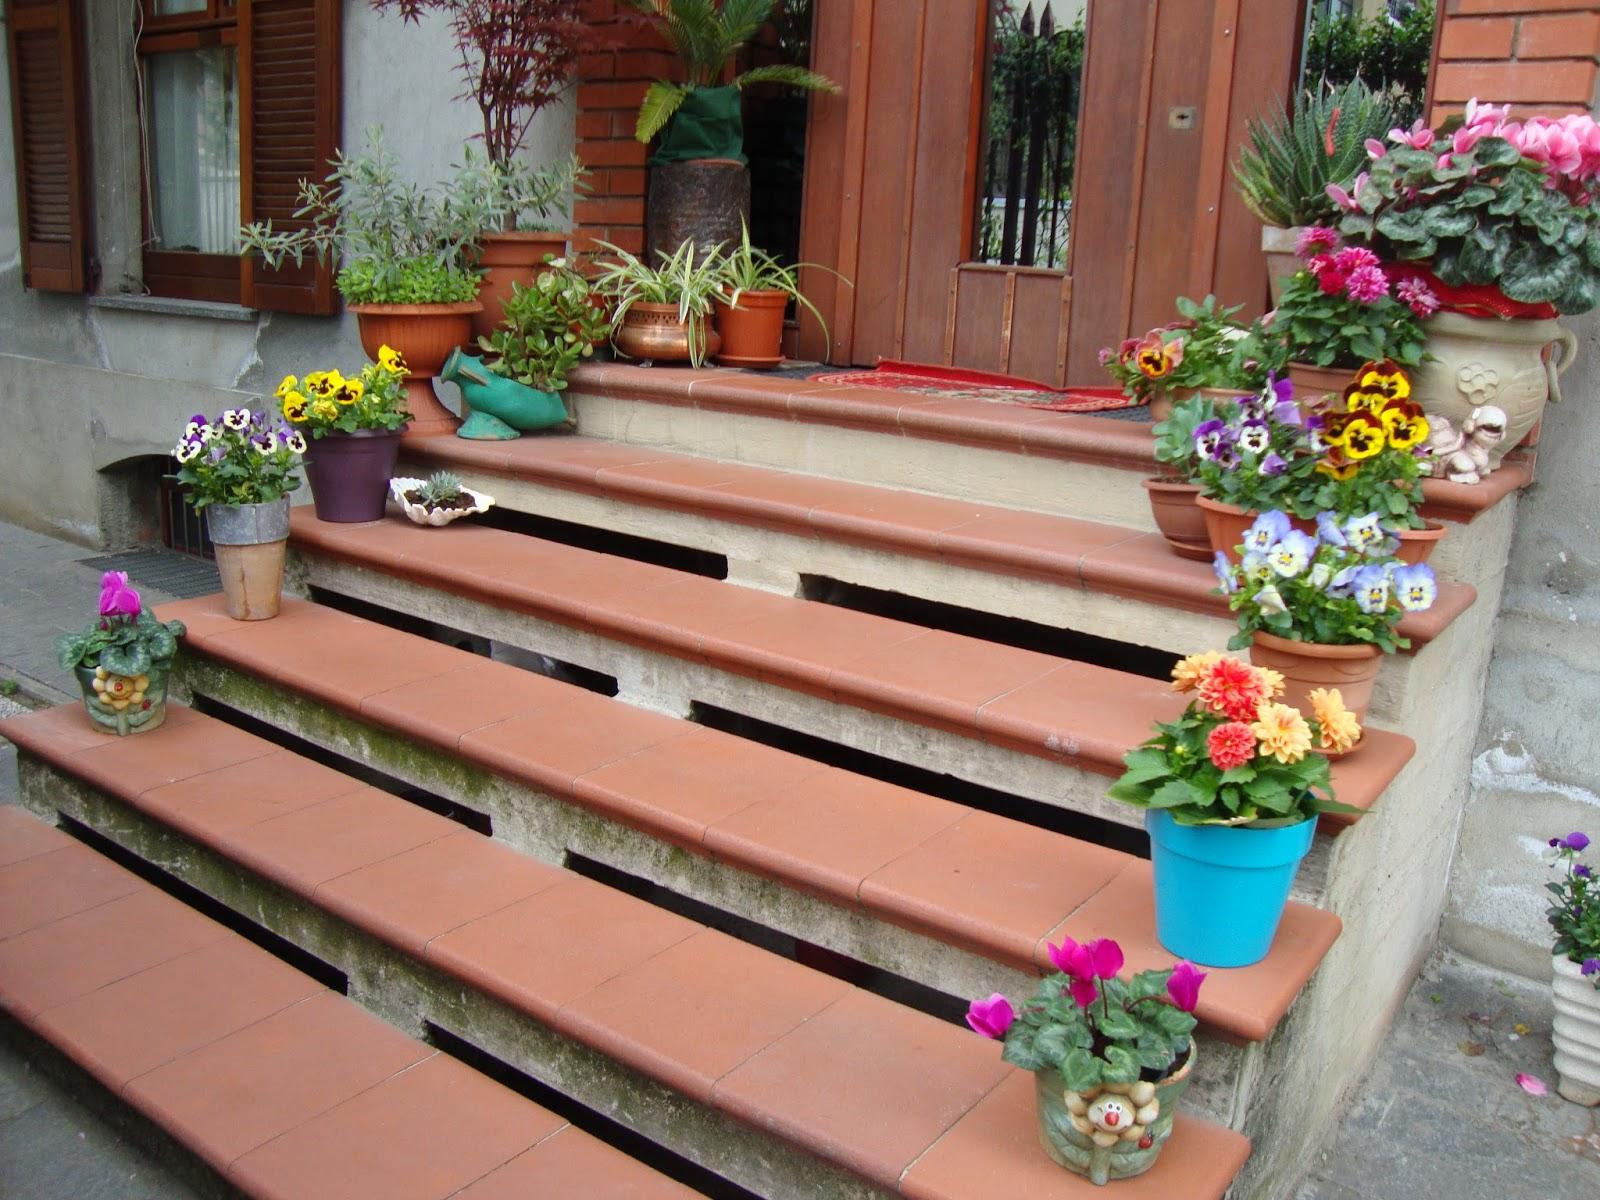 Ben noto Un piccolo giardino in città: Fiori e piante sulle scale di città YM88